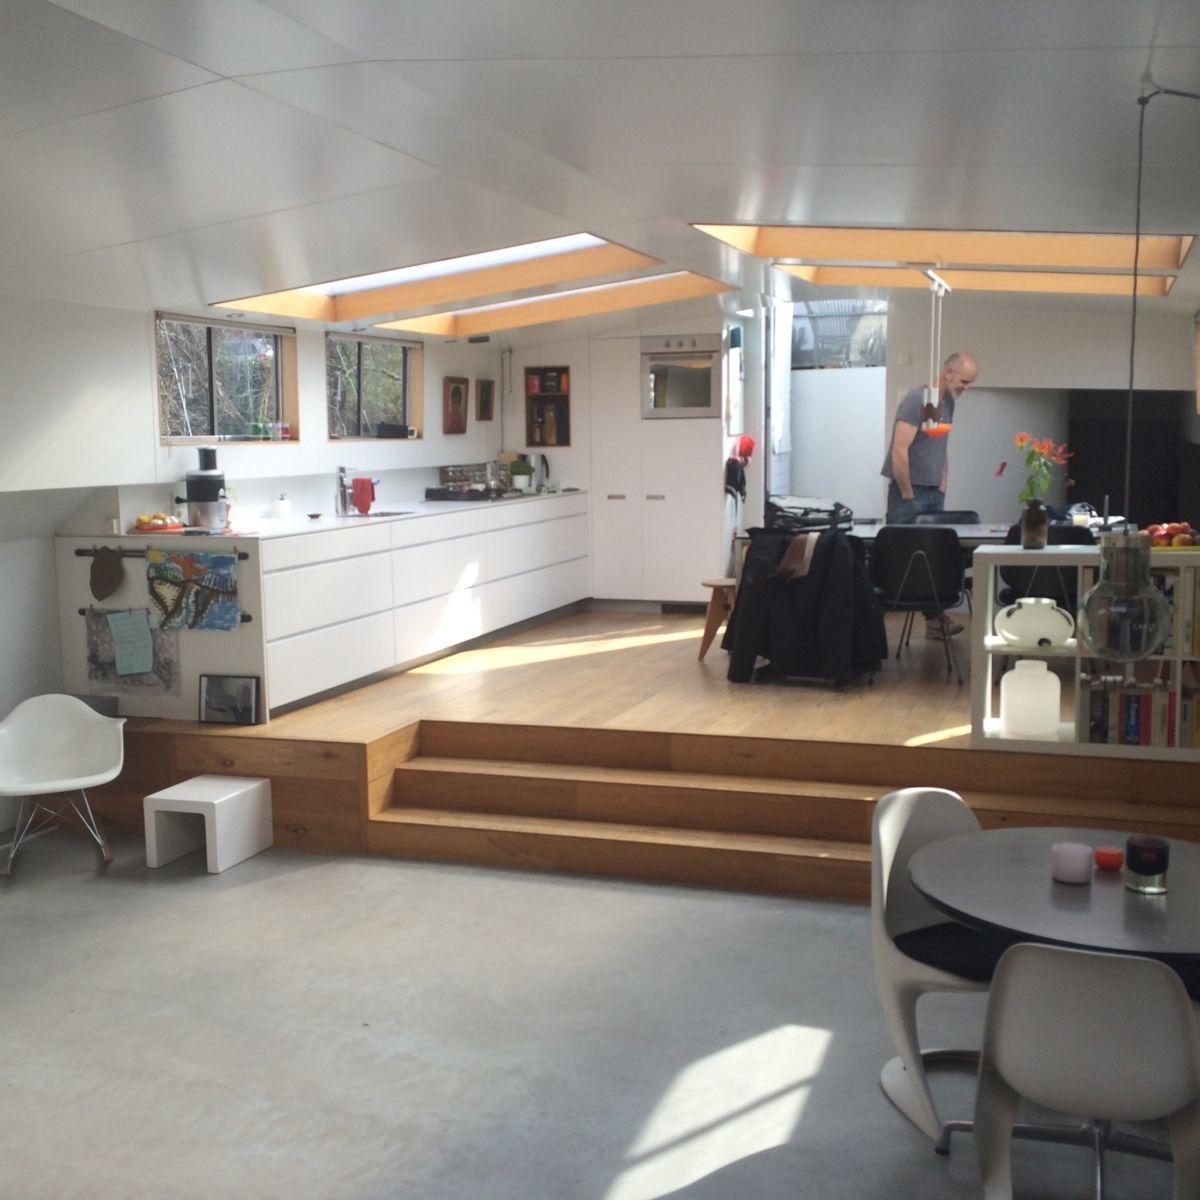 Bouw een woonschip je eigen schip bouwen je kunt een kant for Eigen keuken bouwen